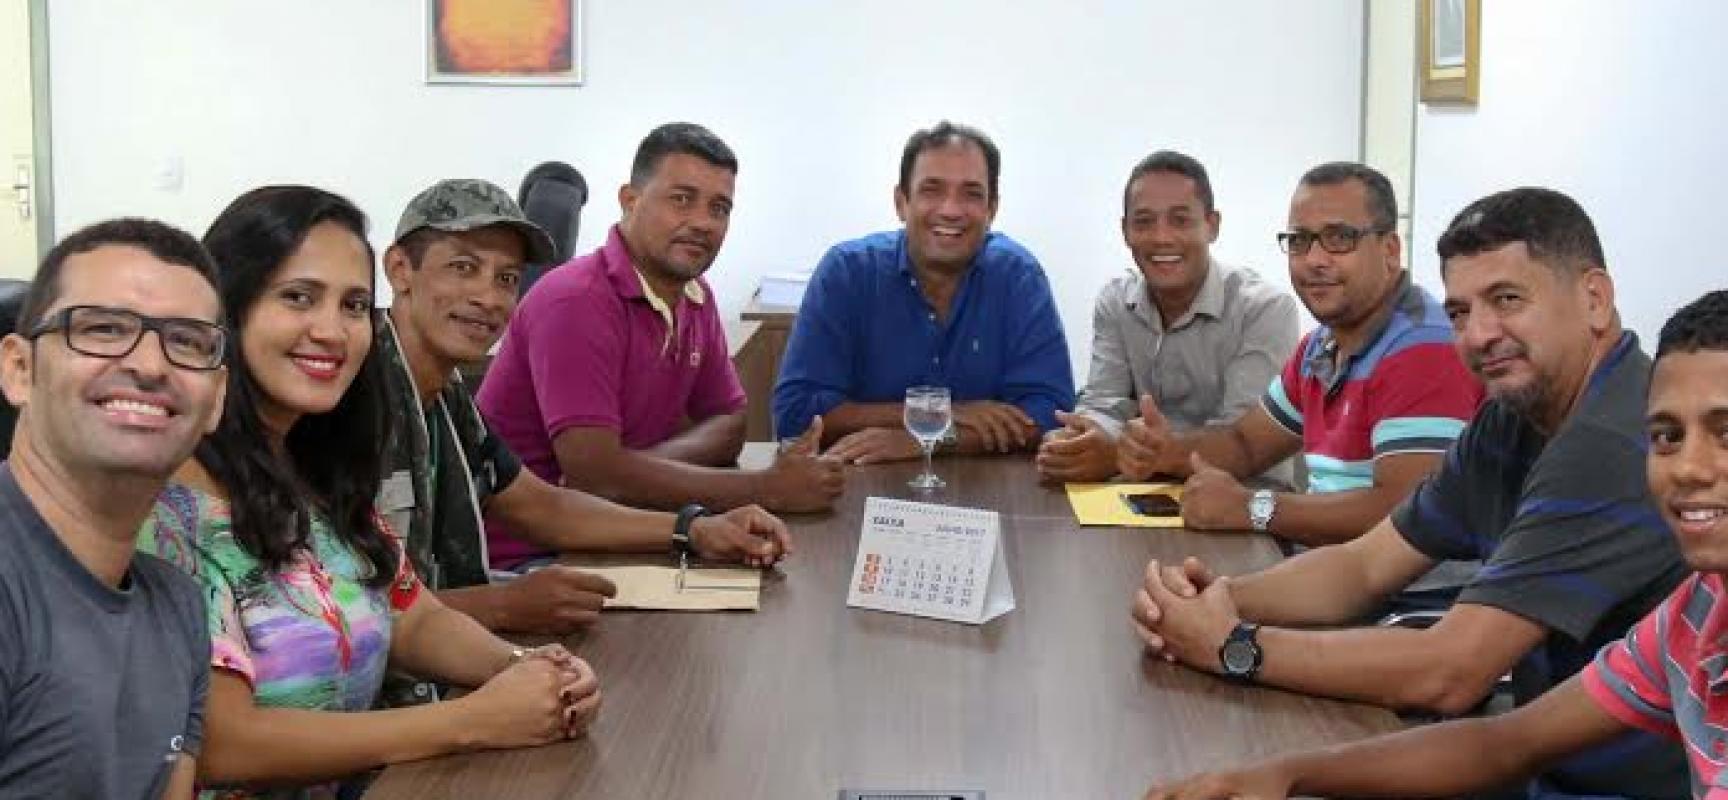 Sindicato elogia prefeito pela participação e diálogo na negociação salarial dos rodoviários